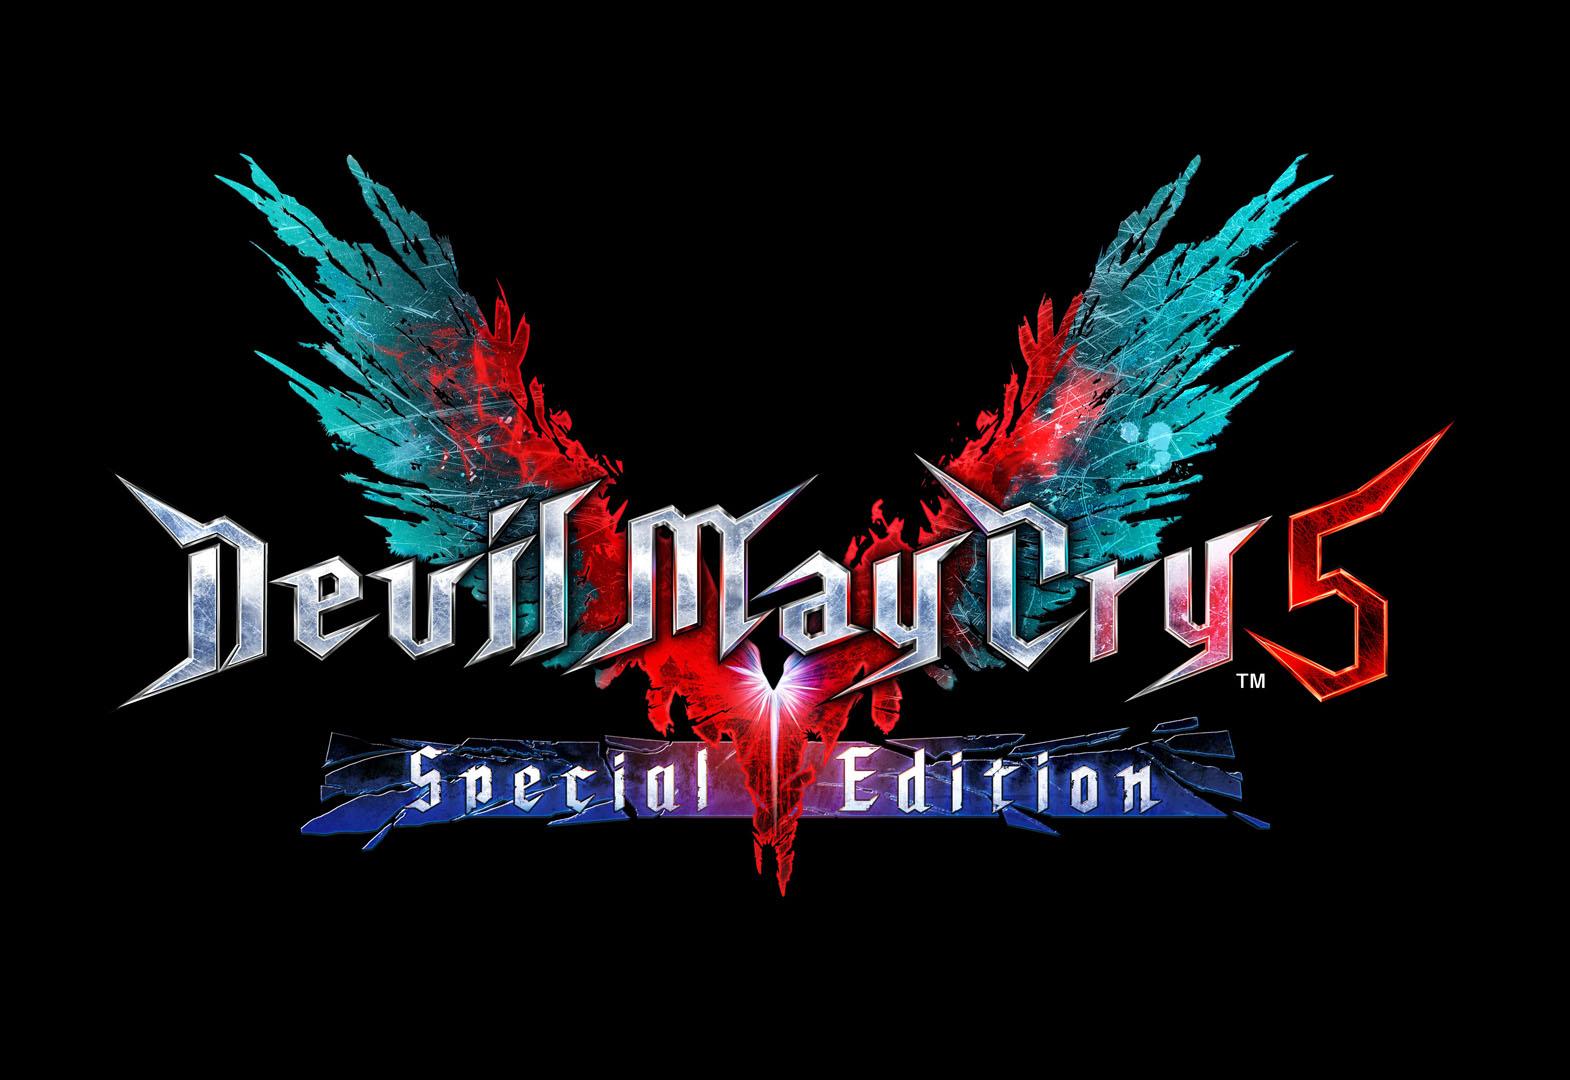 Devil May Cry 5 Special Edition annunciato per PS5 e Xbox Series, è un gioco di lancio in arrivo in digitale